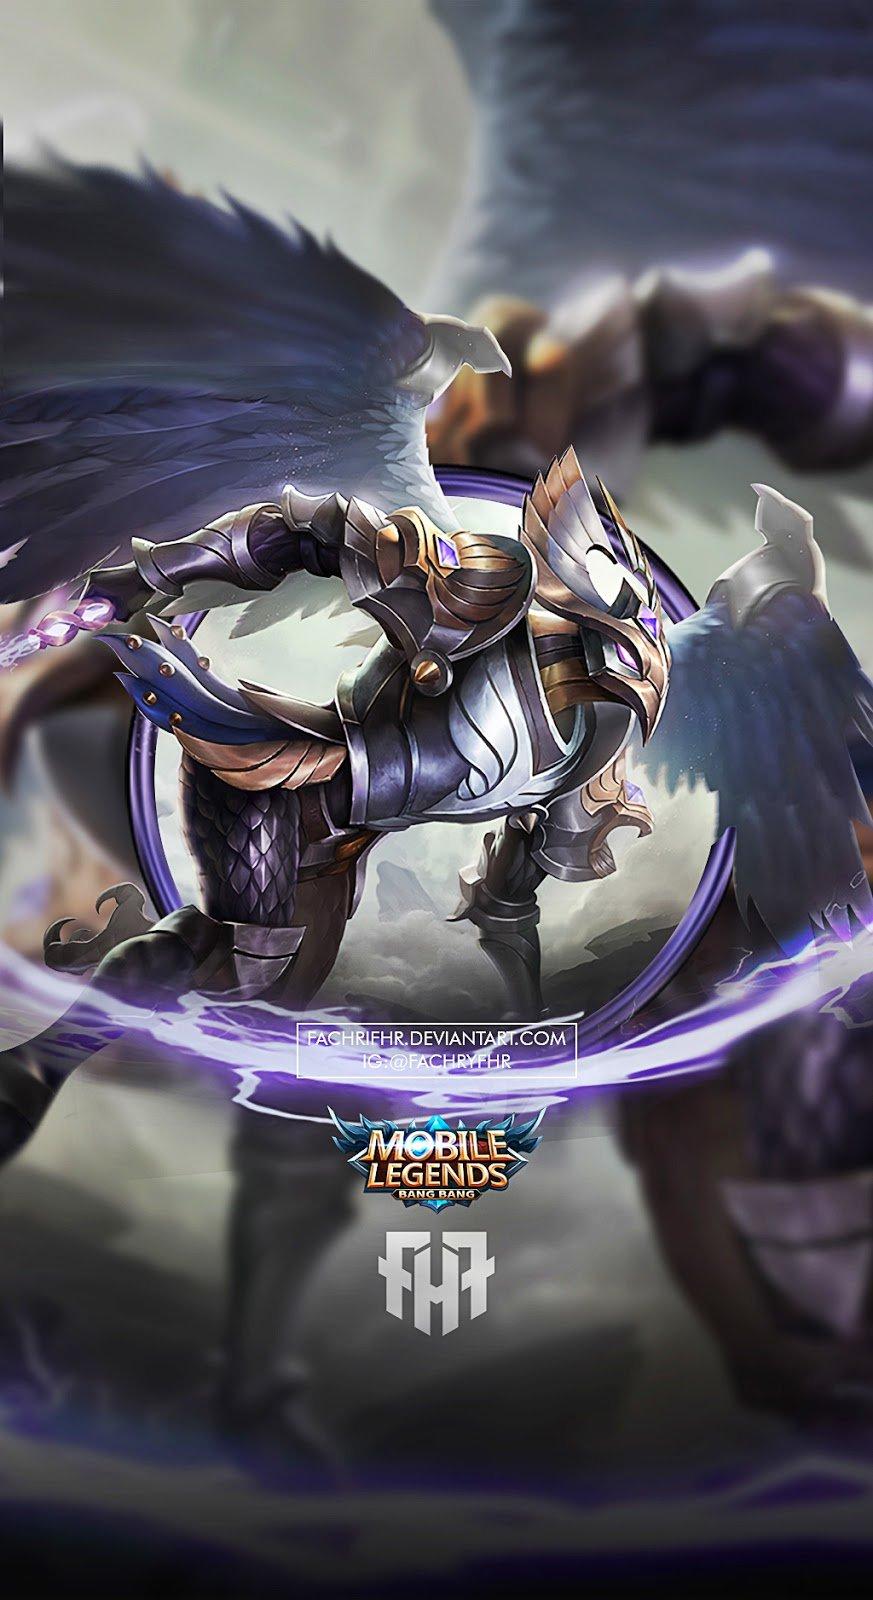 260 Wallpaper Mobile Legends HD Terbaru 2018 TERLENGKAP